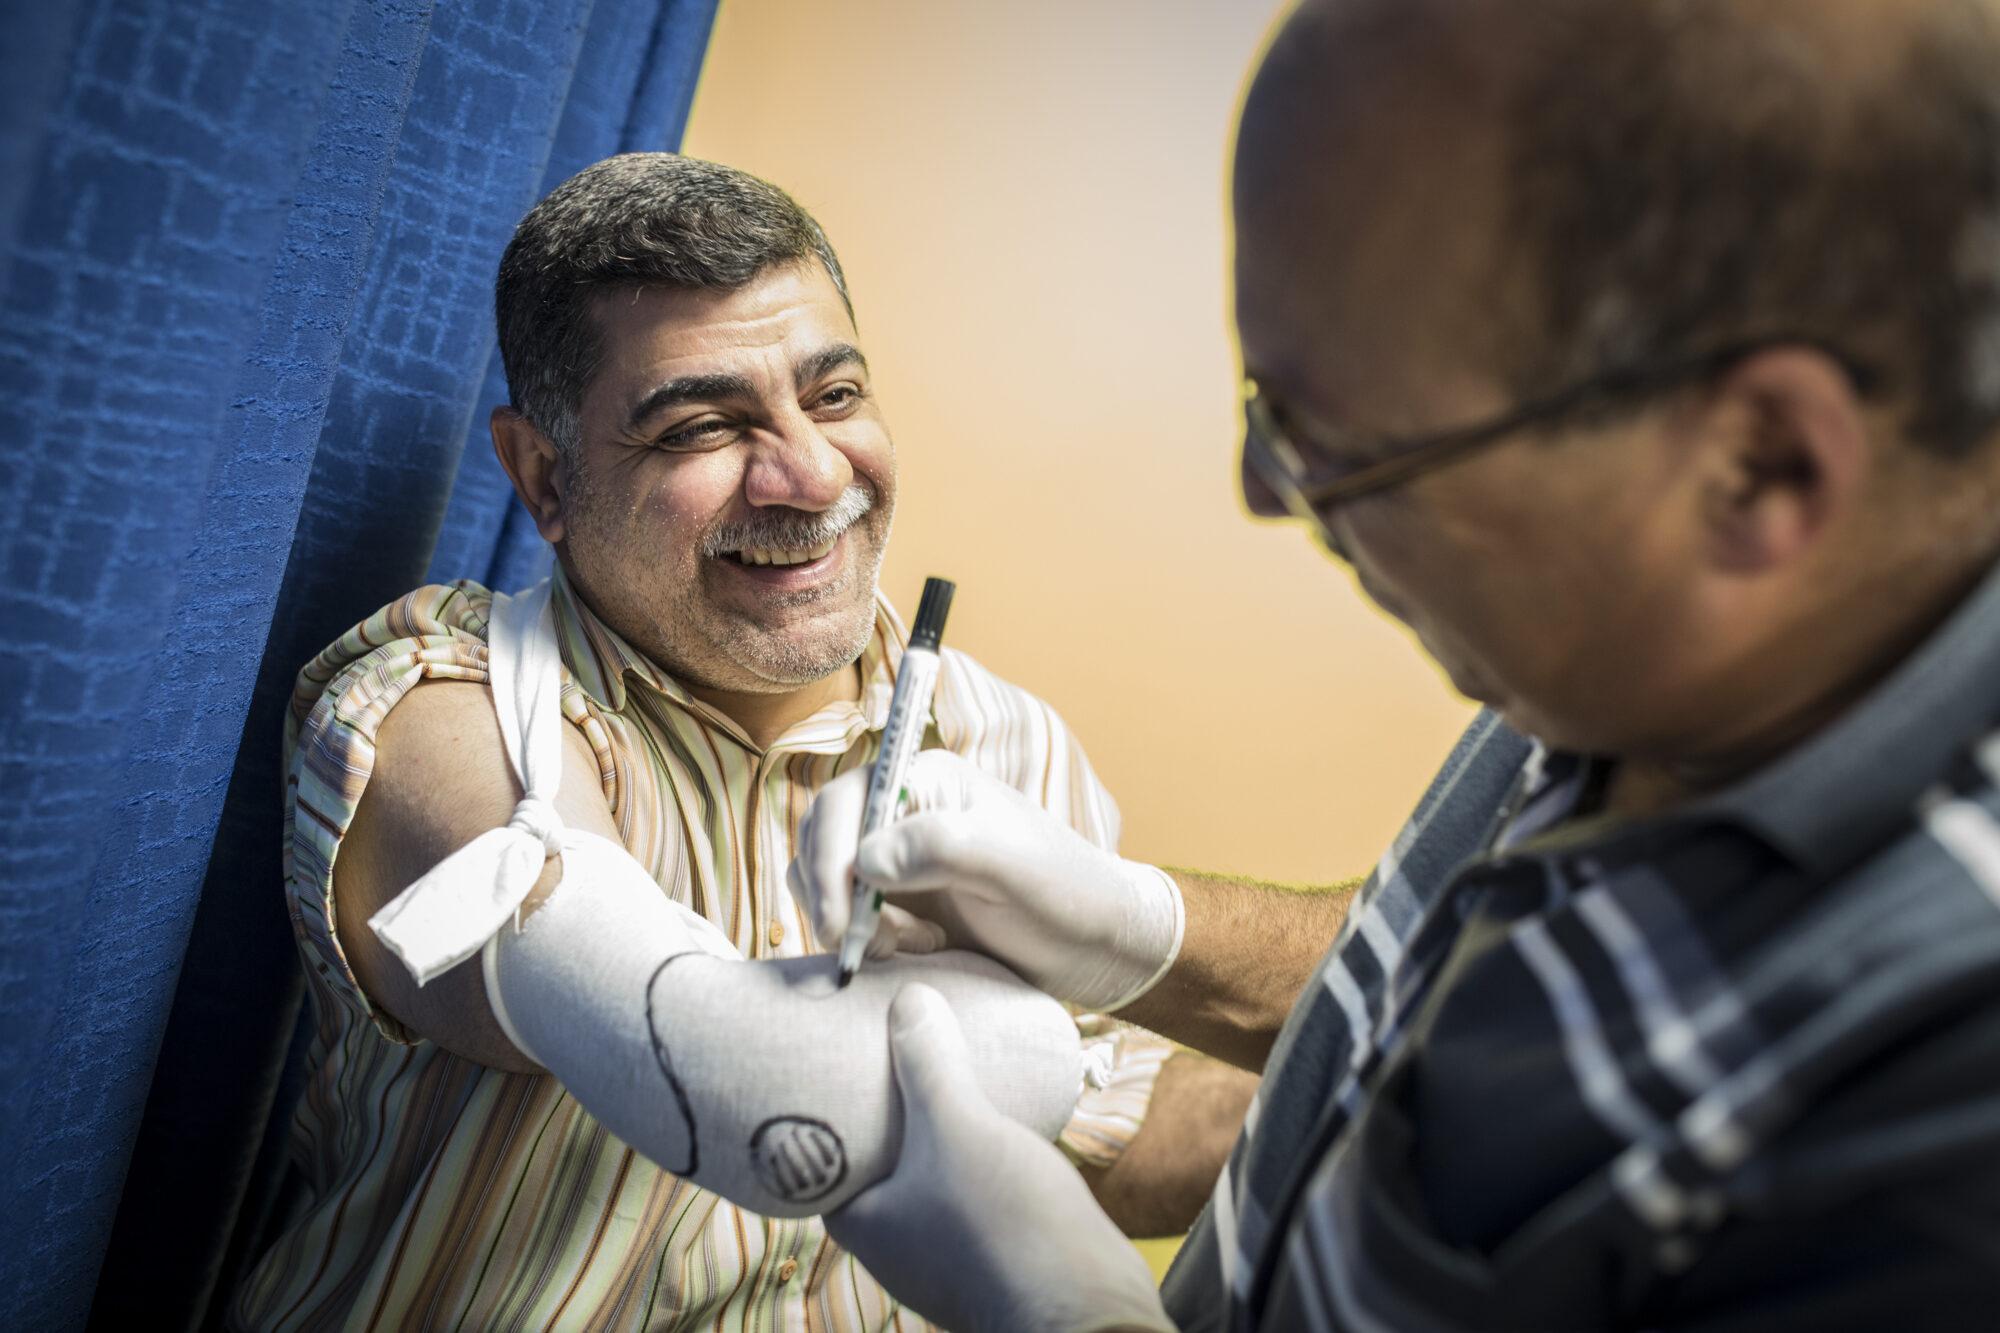 Irakilainen Haidar hymyilee leveästi saadessaan hoitoa oikean käden vammaan, joka aiheutui autopommista.